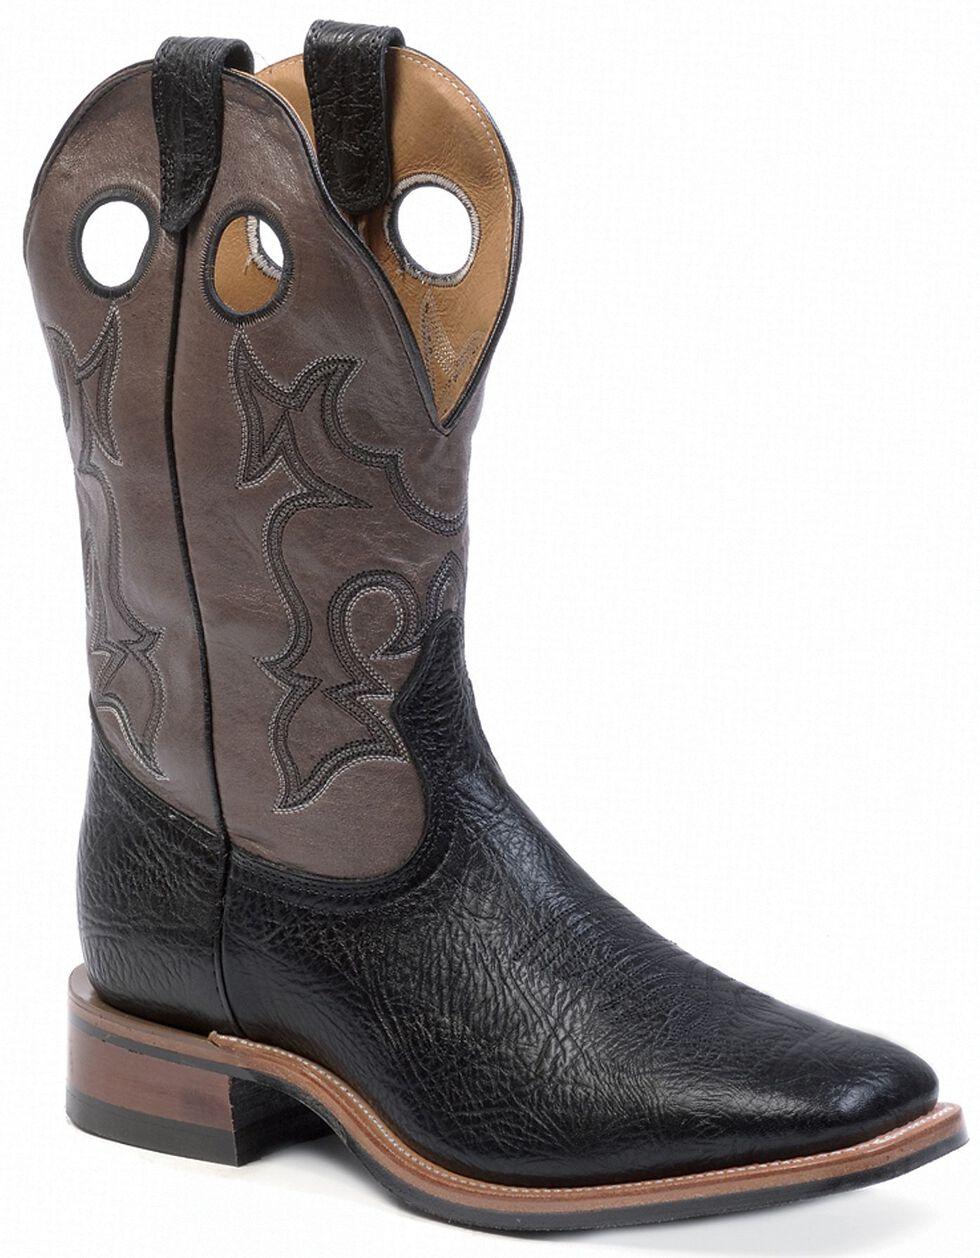 Boulet Cowboy Boots - Square Toe, Black, hi-res